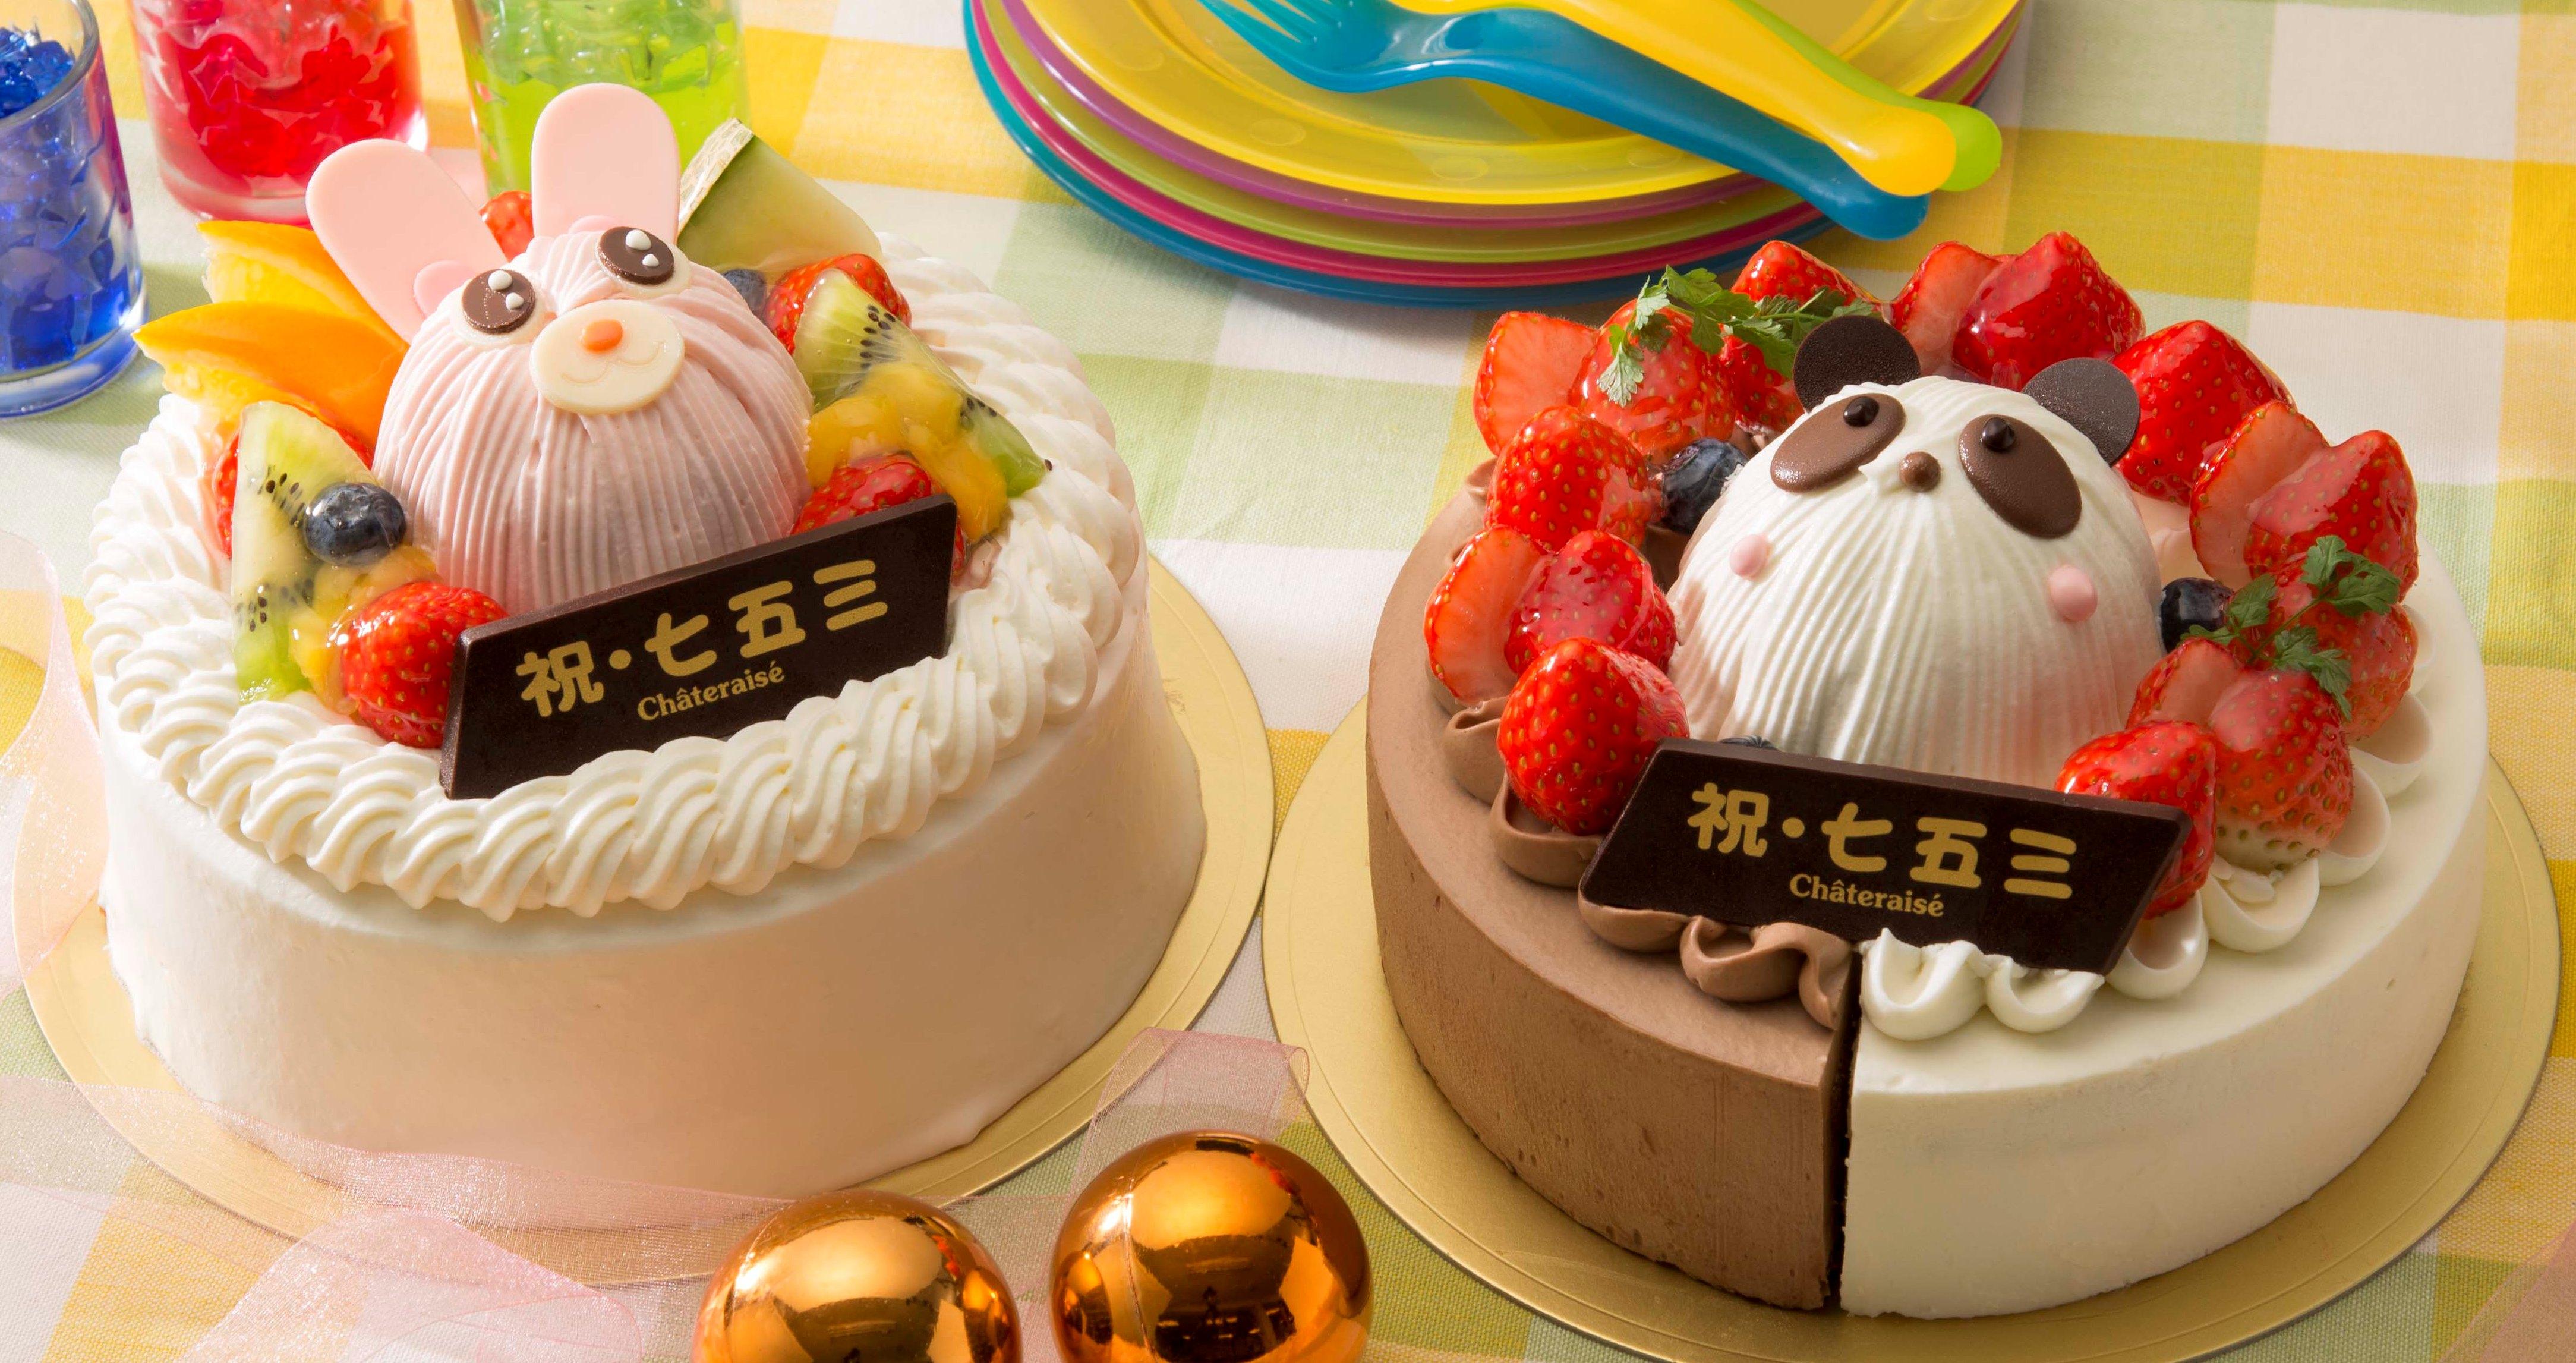 ~華やかなお祝いケーキで、団らんのひとときを~ シャトレーゼ お子様の健やかな成長と幸せを願う「七五三ケーキ」発売! - 10月11日(金)より全国457店舗で発売中! -